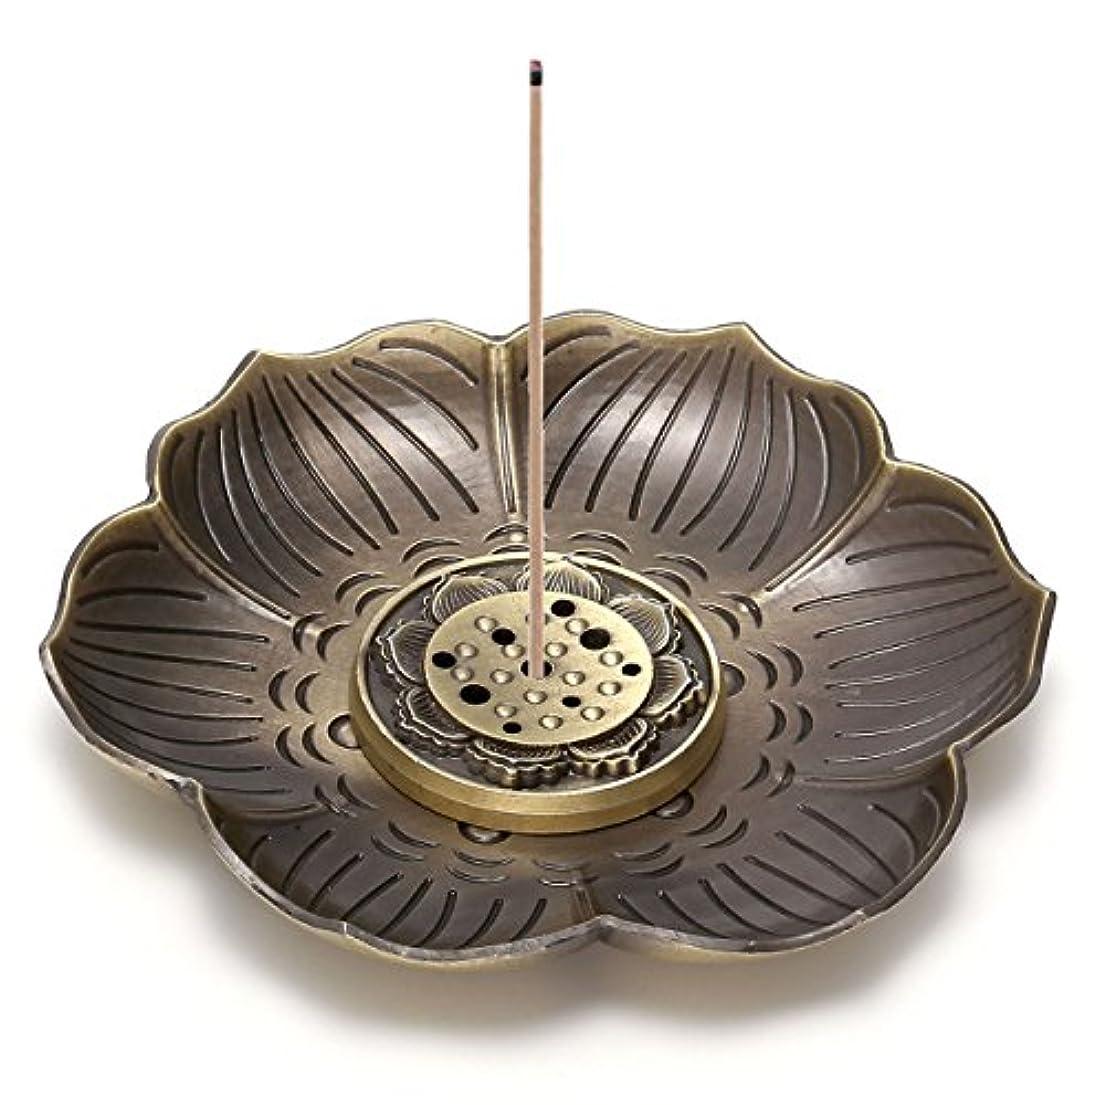 貪欲依存ウェイドcrystaltearsヴィンテージ真鍮香炉ホルダーAshキャッチャー、Lotusスティック香炉、Backflow Incense Burner、9つ穴タイプデザイン、取り外し可能 FPUS0001872